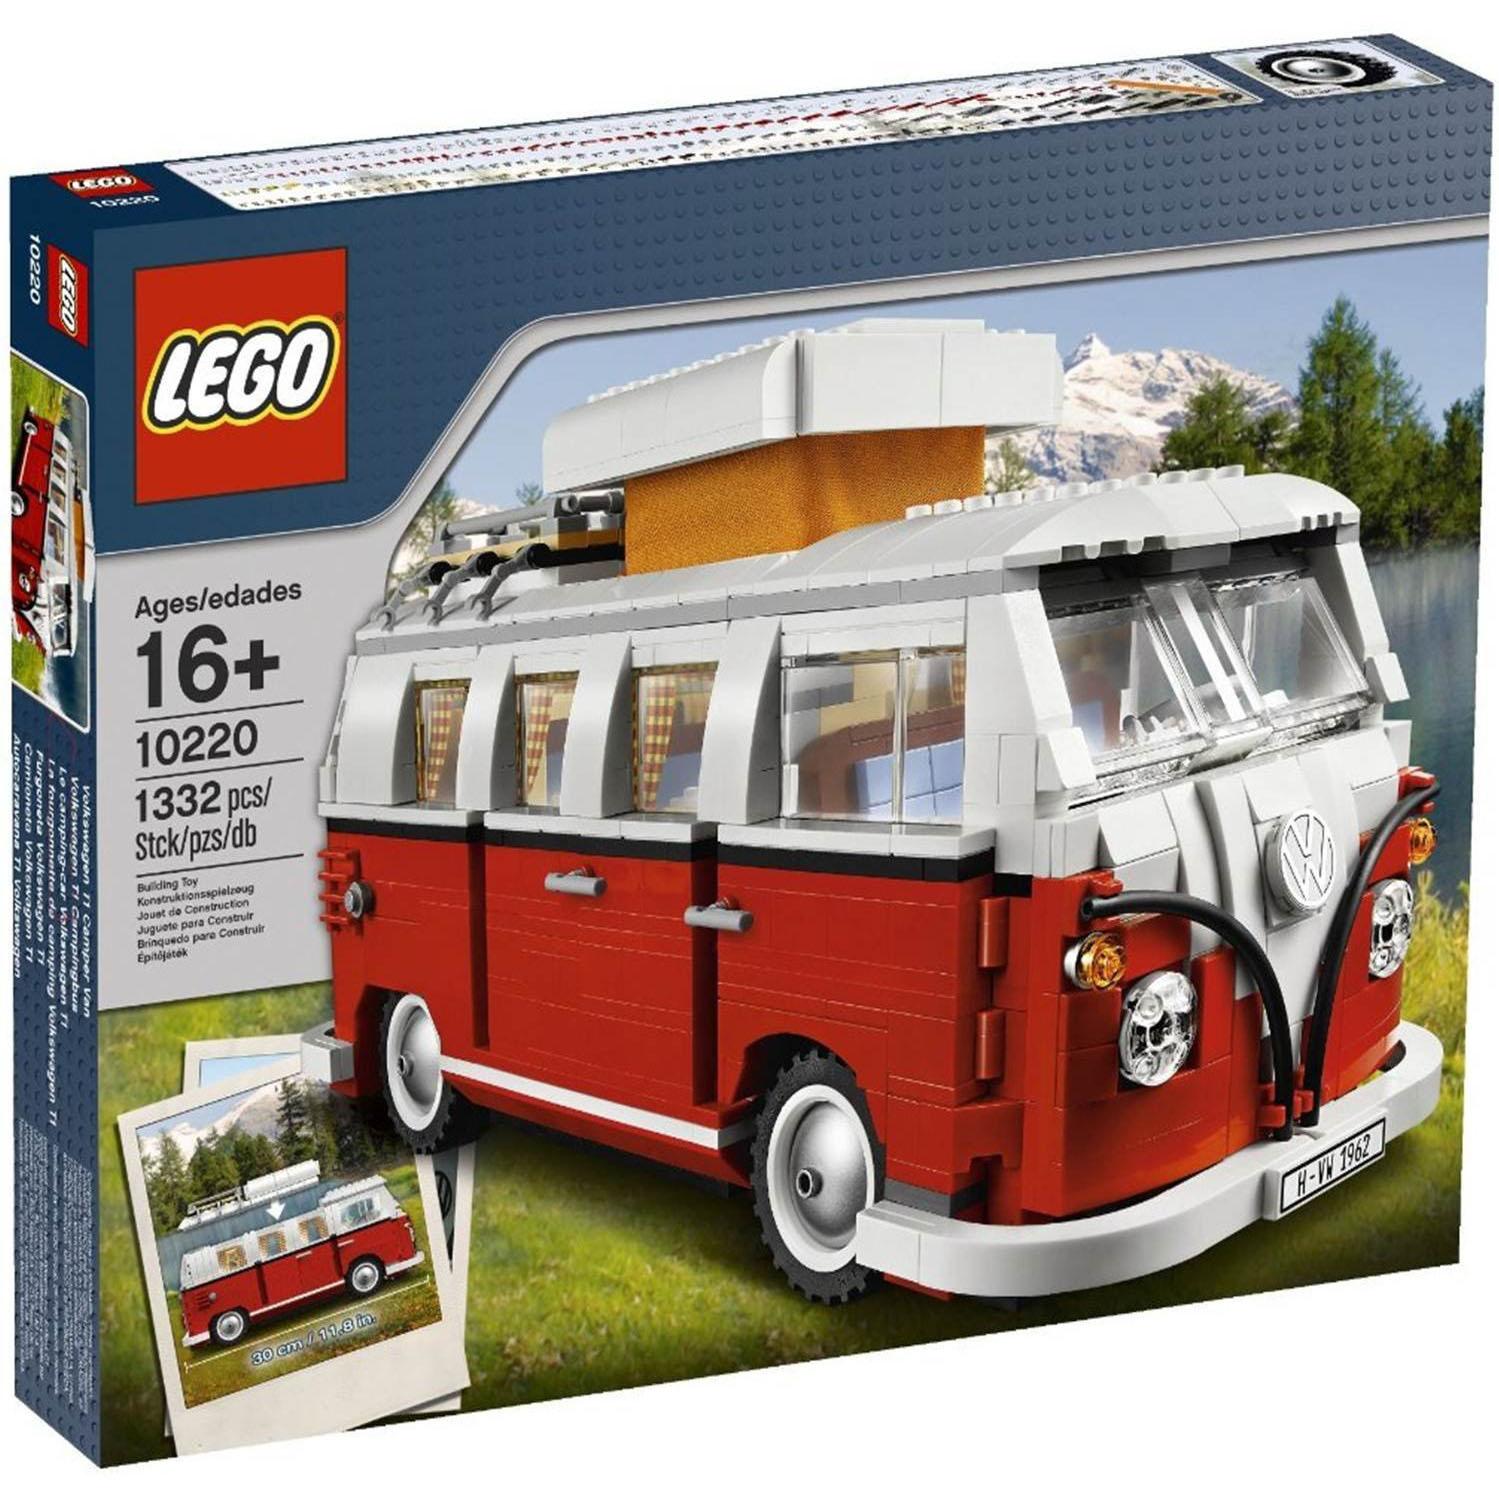 LEGO Creator 10220 – Cong vien giai tri